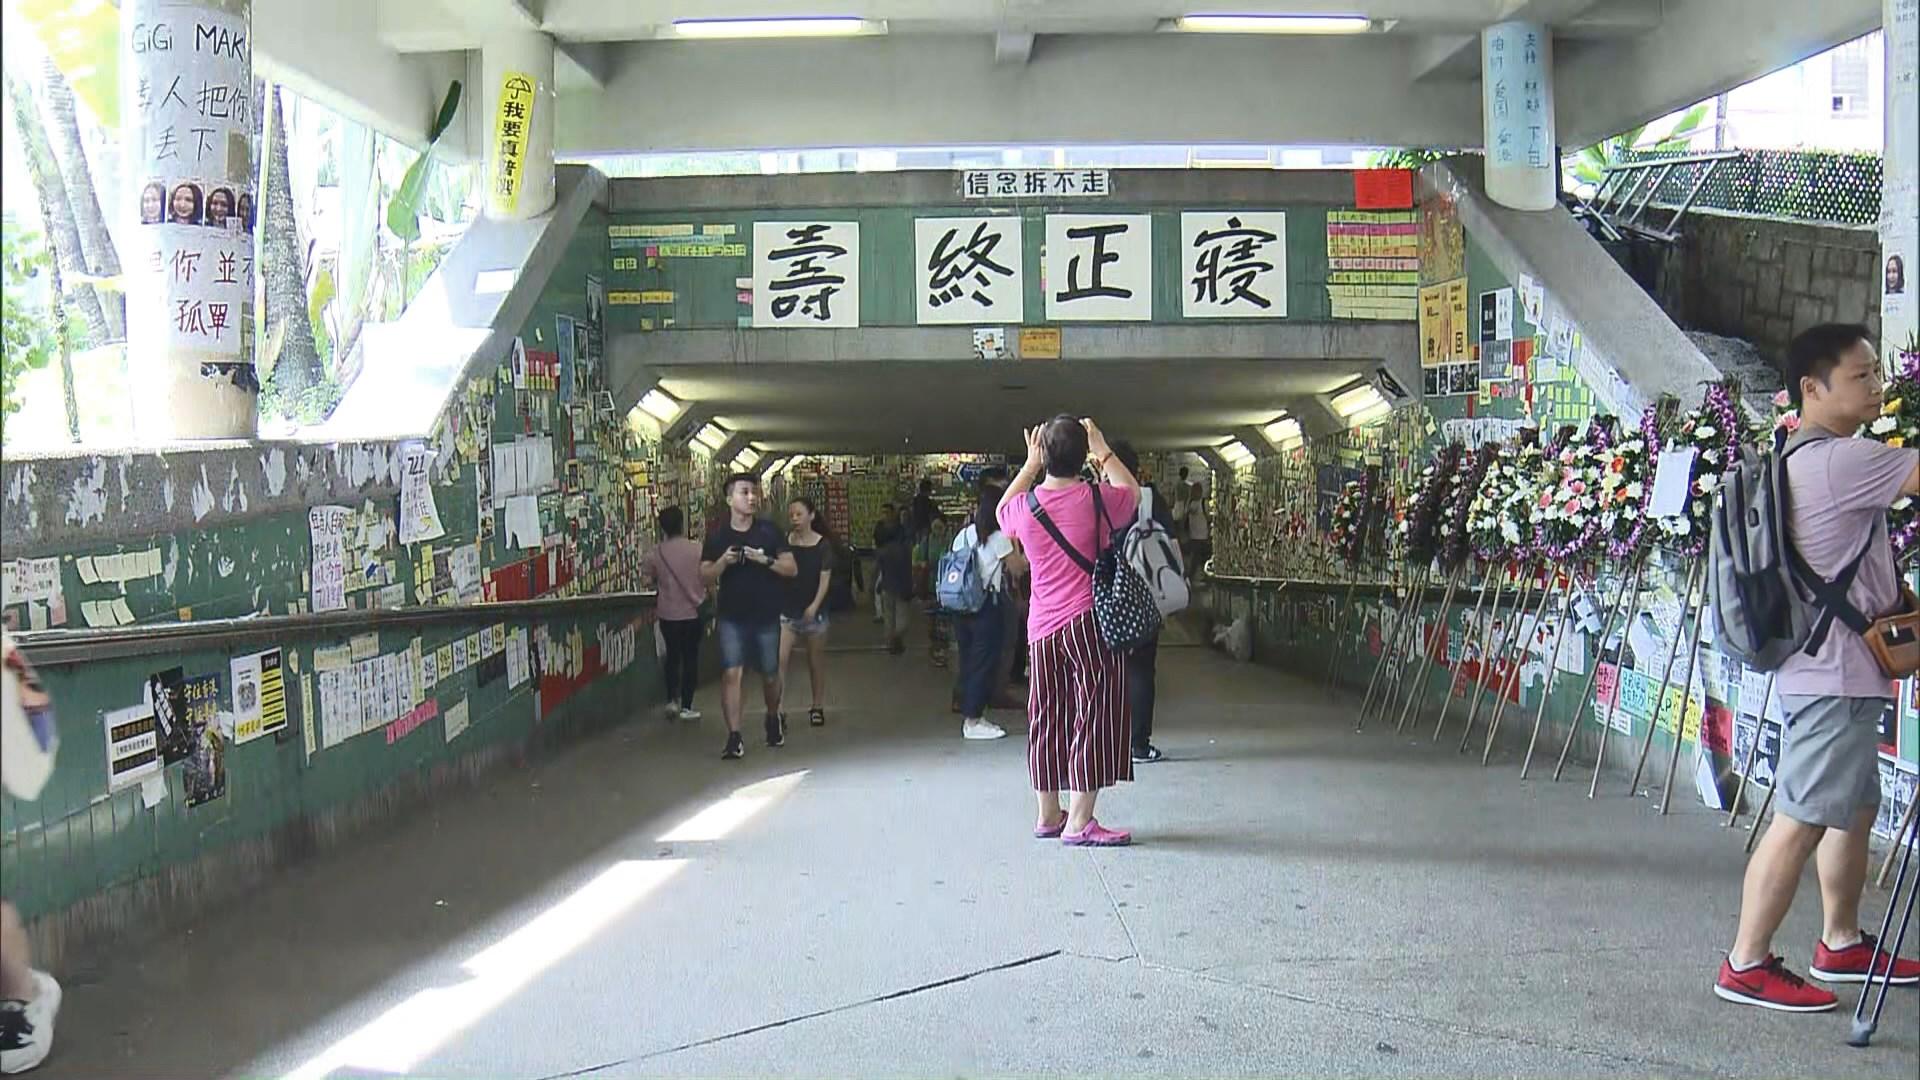 逾百人撕走連儂隧道便利貼 一女子被警帶走